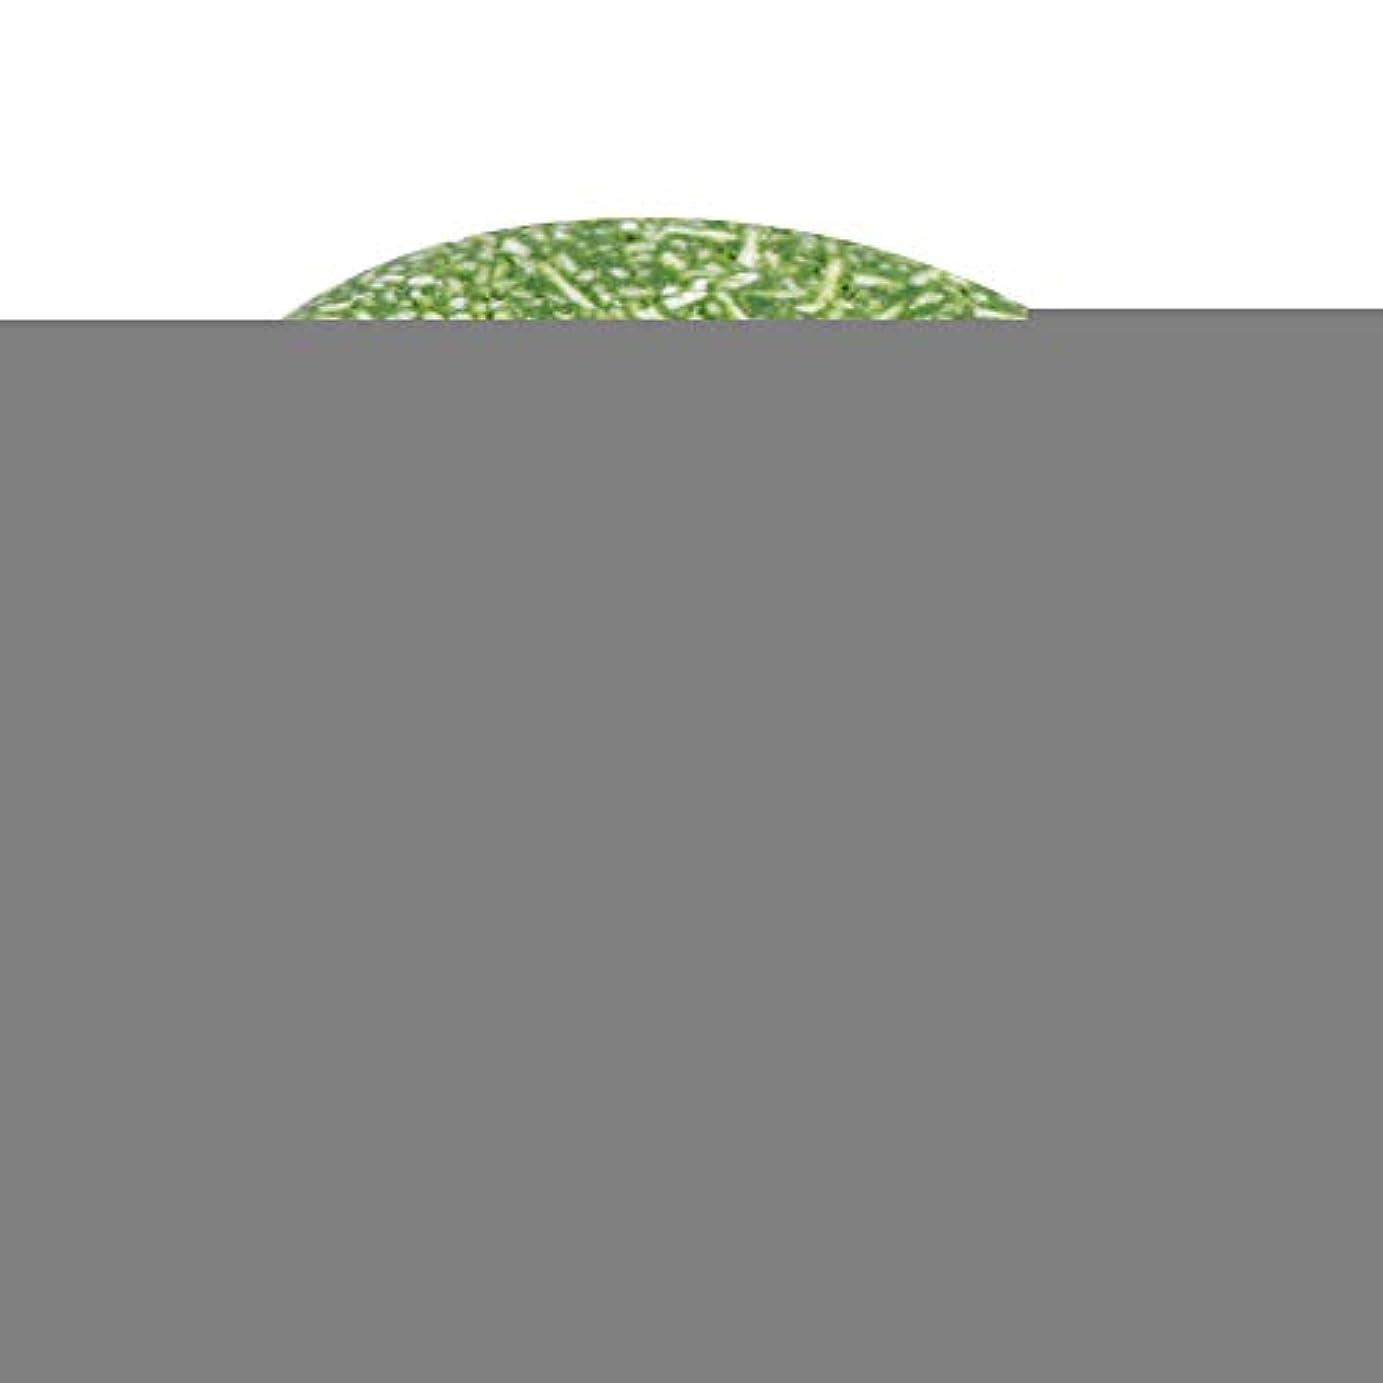 4色オーガニック手作りコールド加工シナモンシャンプーバー100%ピュアヘアシャンプー(緑)